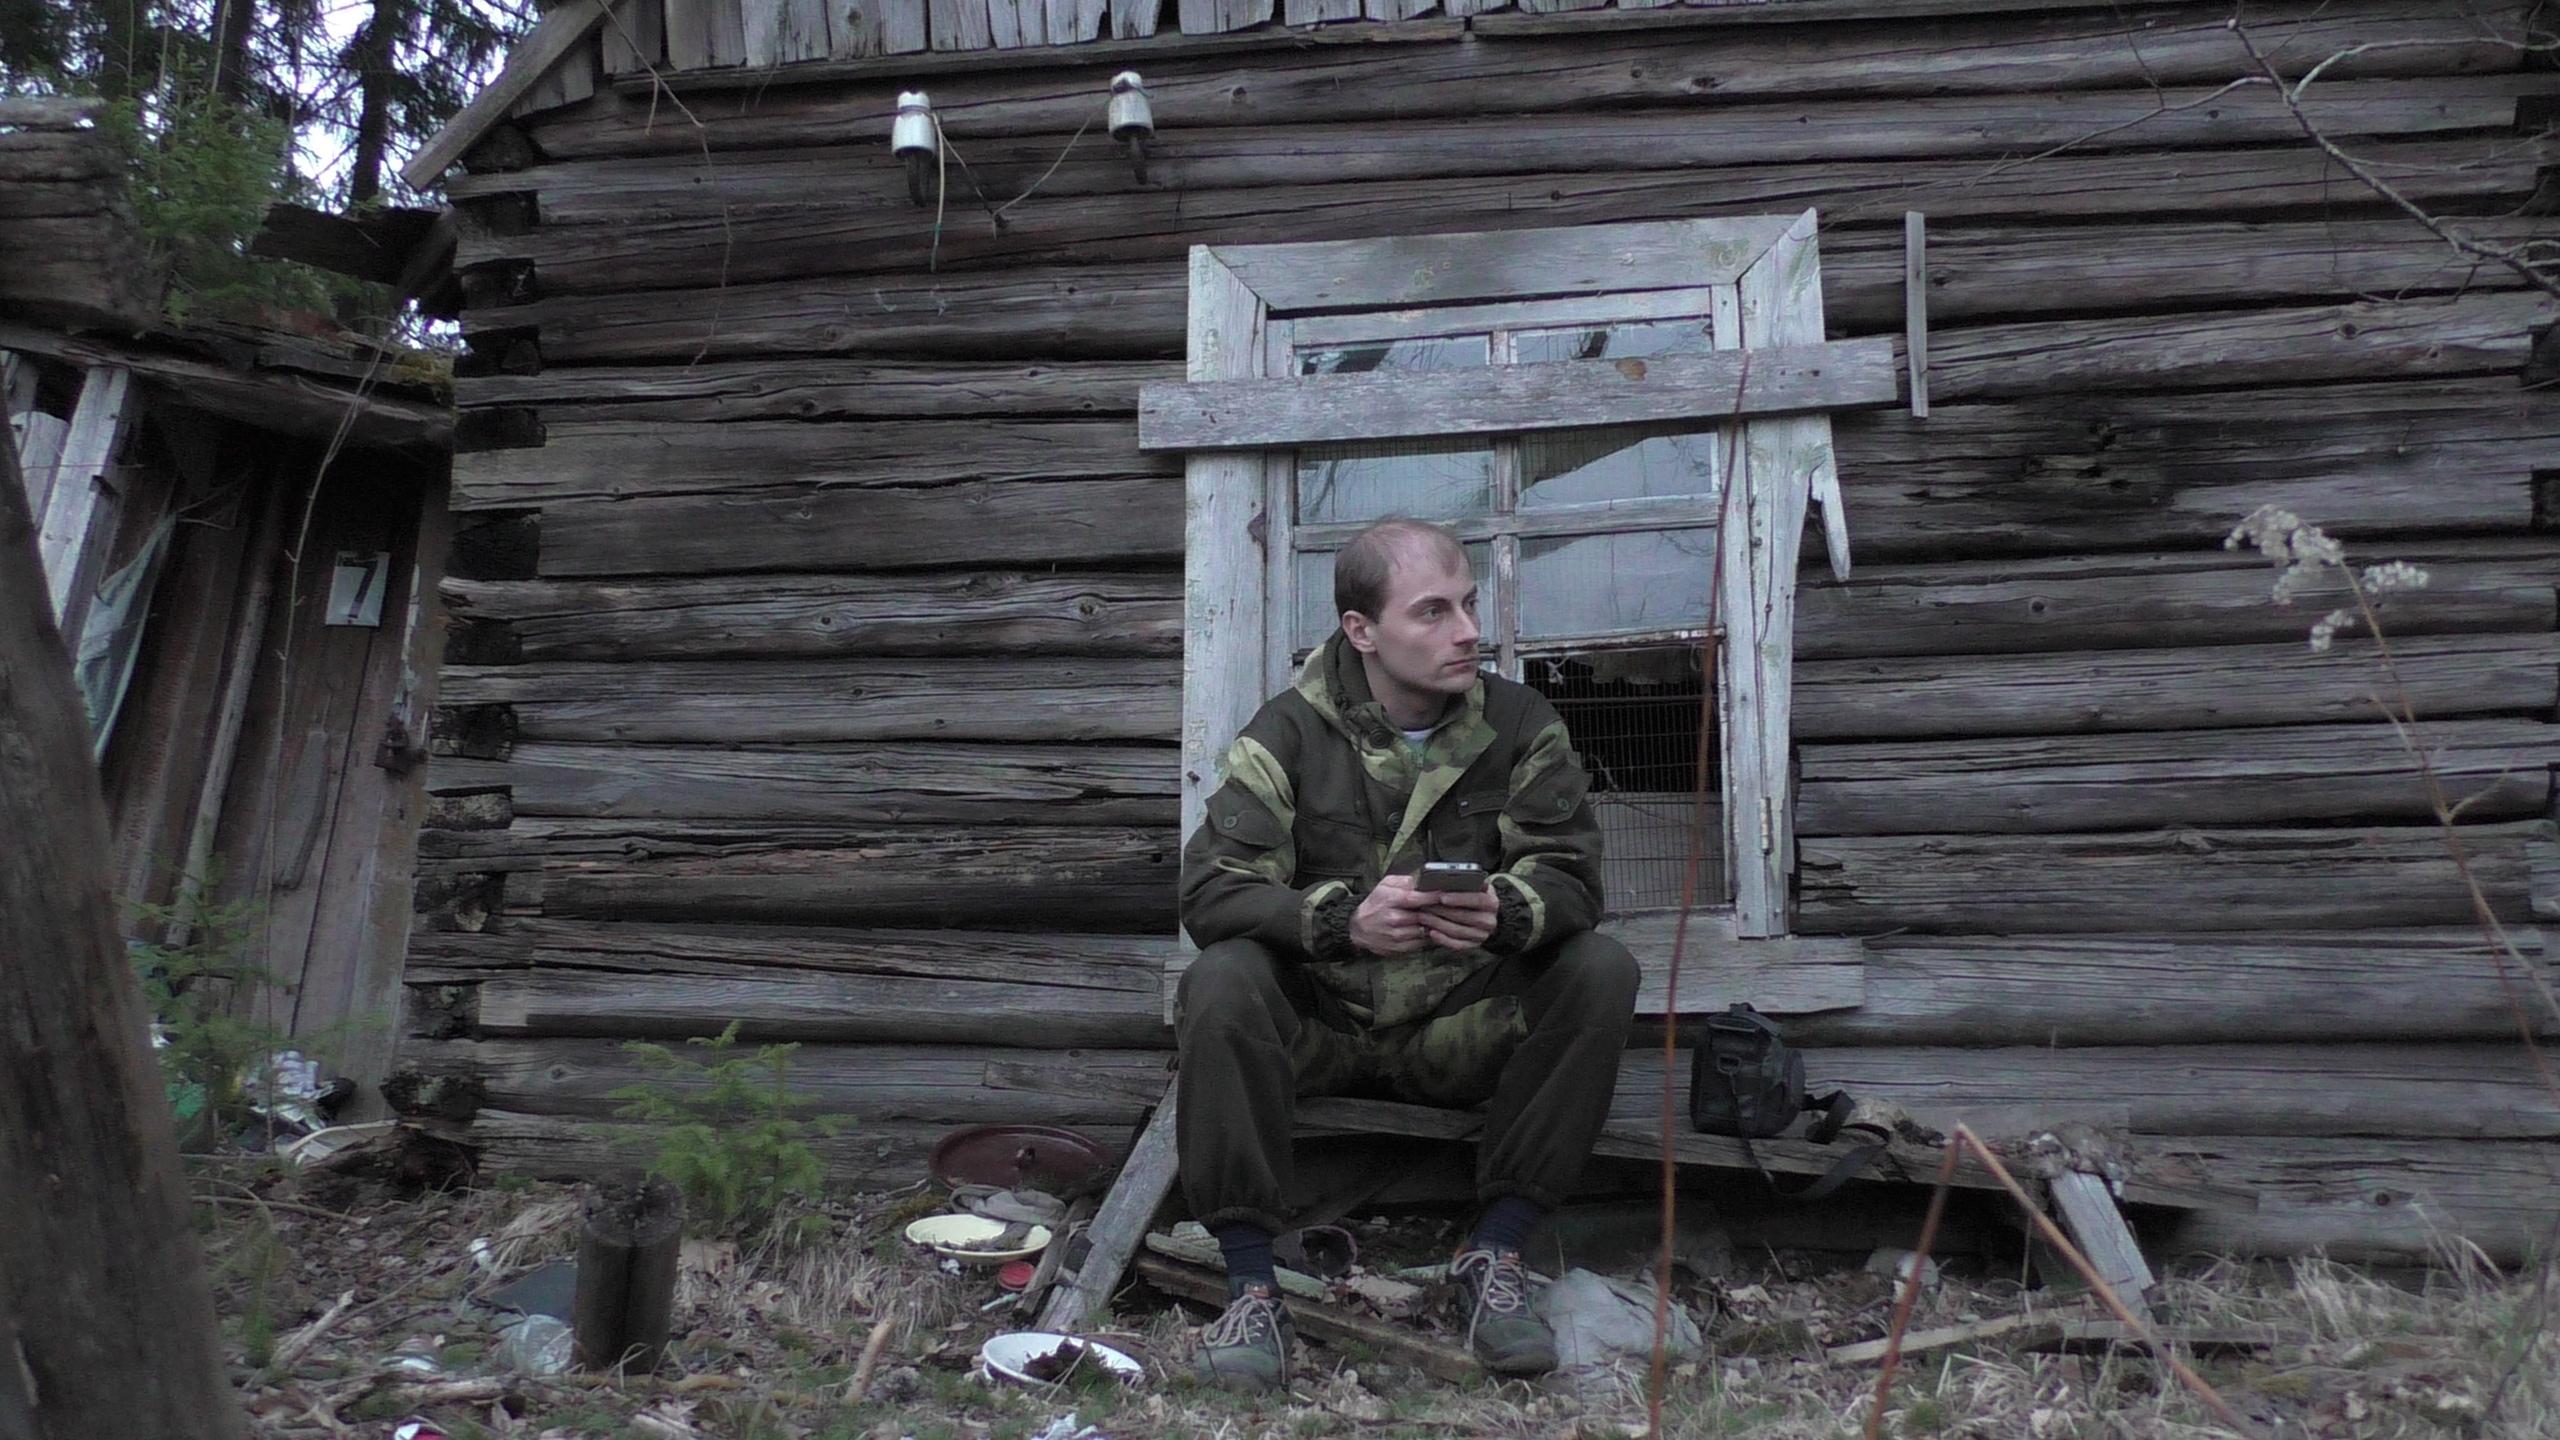 Заброшенная деревня в лесу / покинутый посёлок железнодорожников